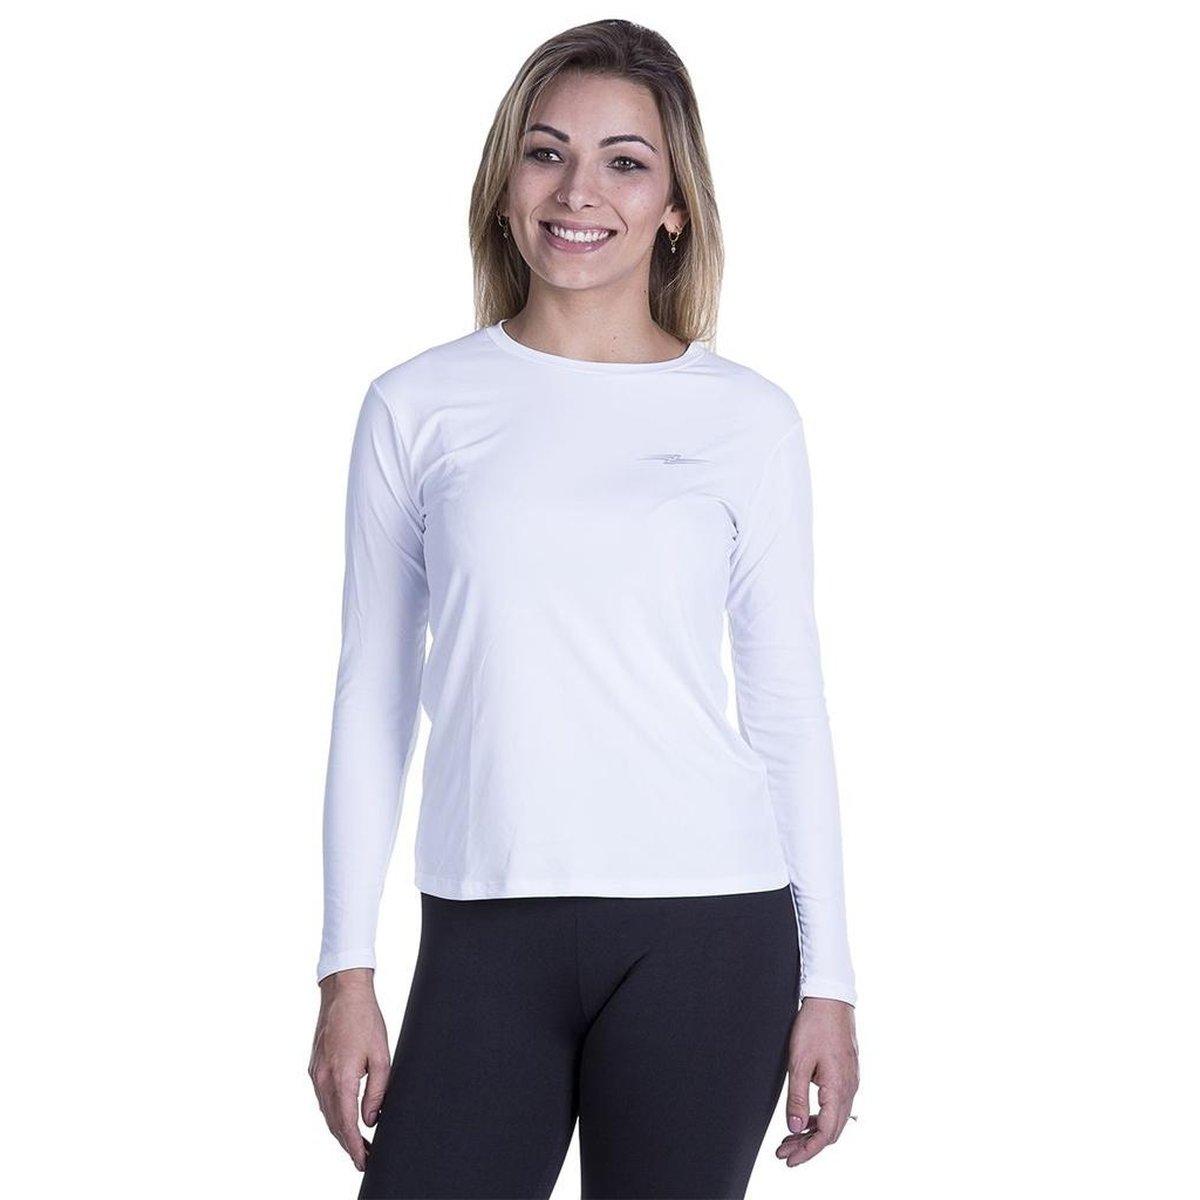 9d98ecdb83 Compre Camiseta Feminina Uv Online